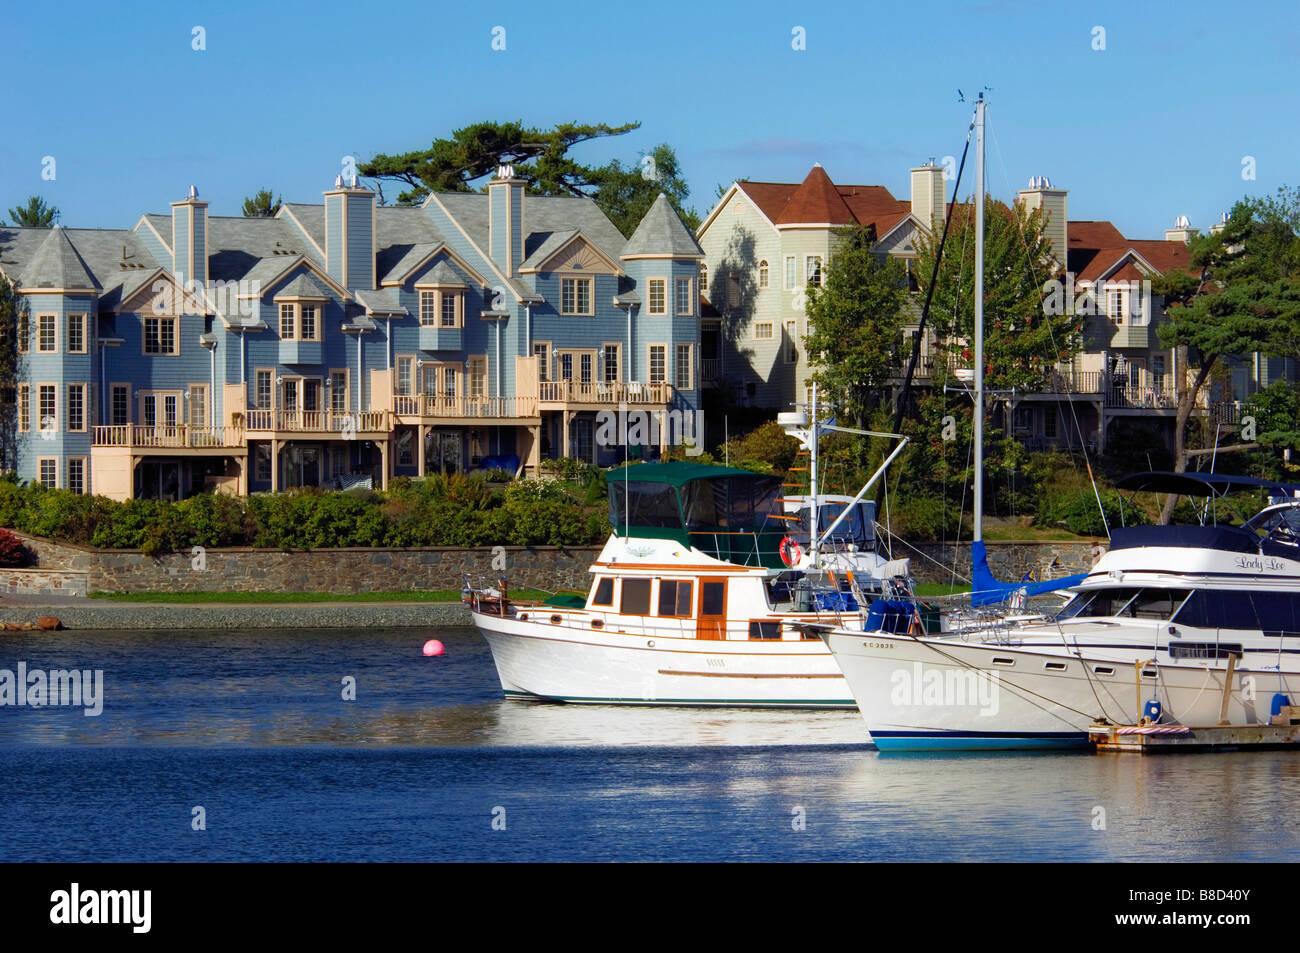 Armdale Yacht Club Gehäuse, nordwestlichen Arm, Halifax, Neuschottland (Nova Scotia) Stockbild